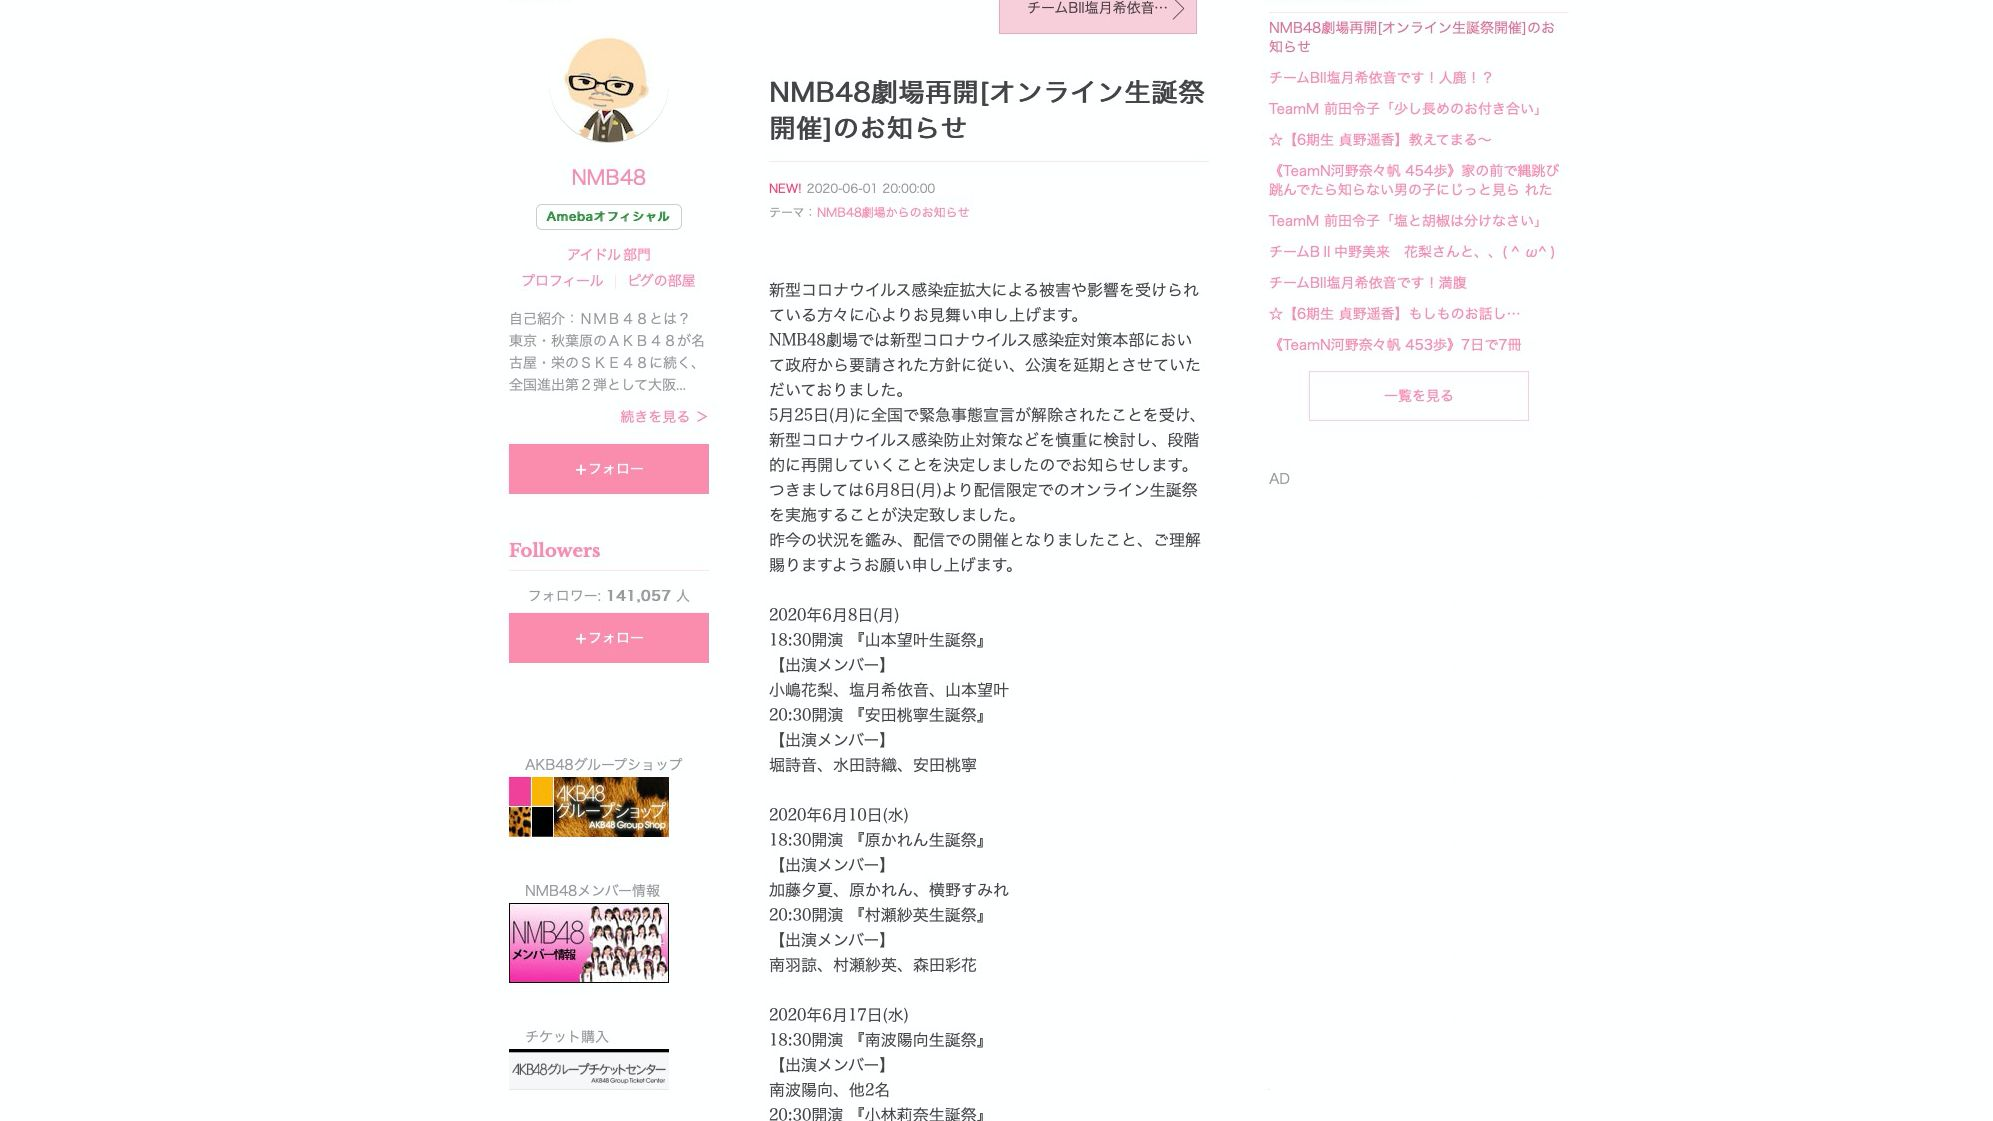 【NMB48】6月2週目から劇場・オフィシャルショップが再開。少人数でのオンライン生誕祭からスタート